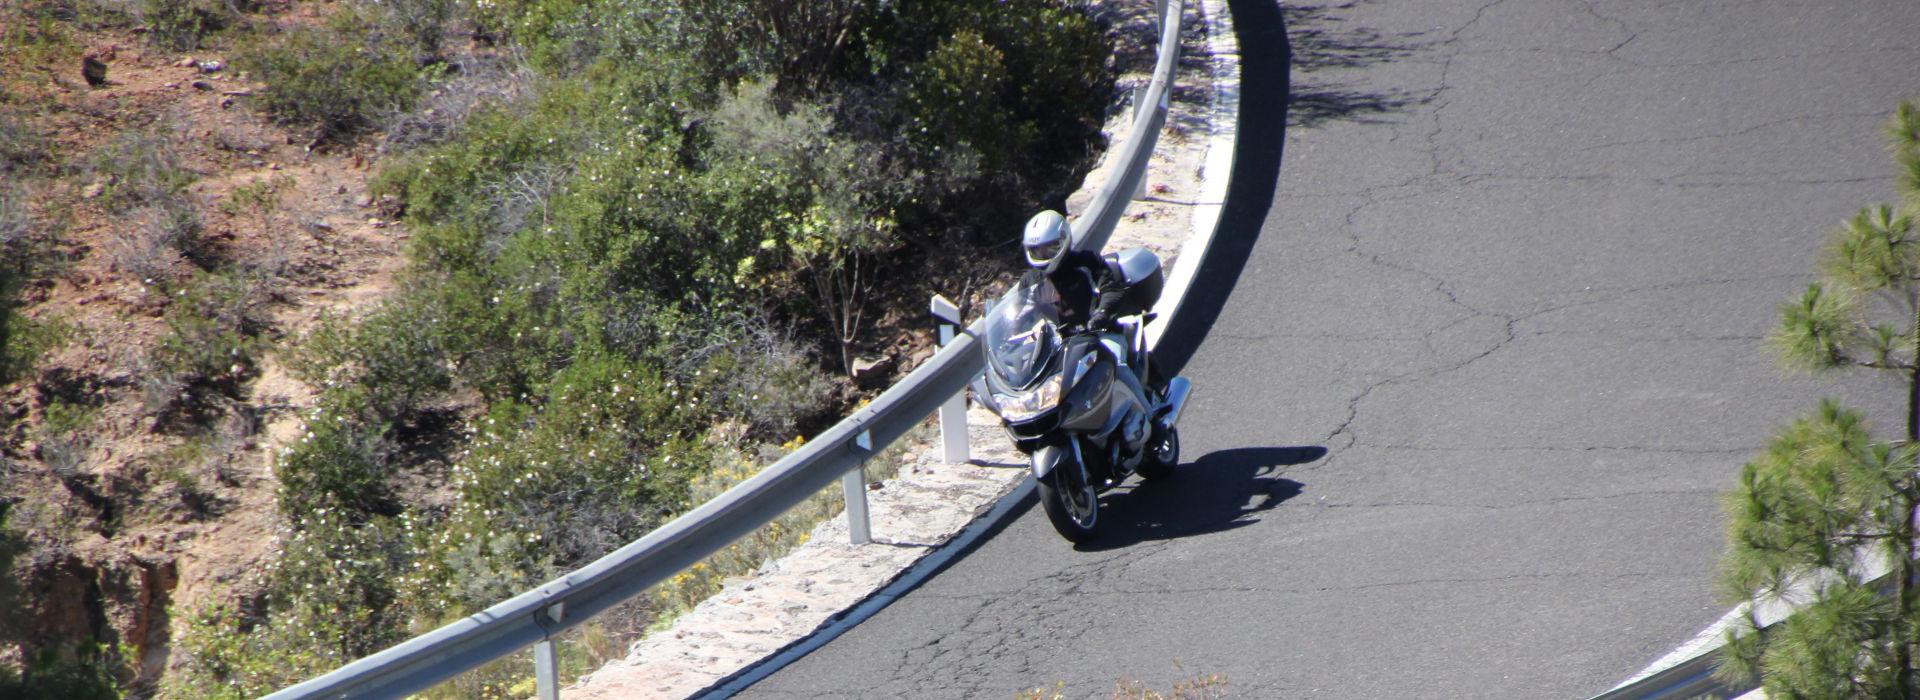 Motorrijbewijspoint Rijpwetering snel motorrijbewijs halen